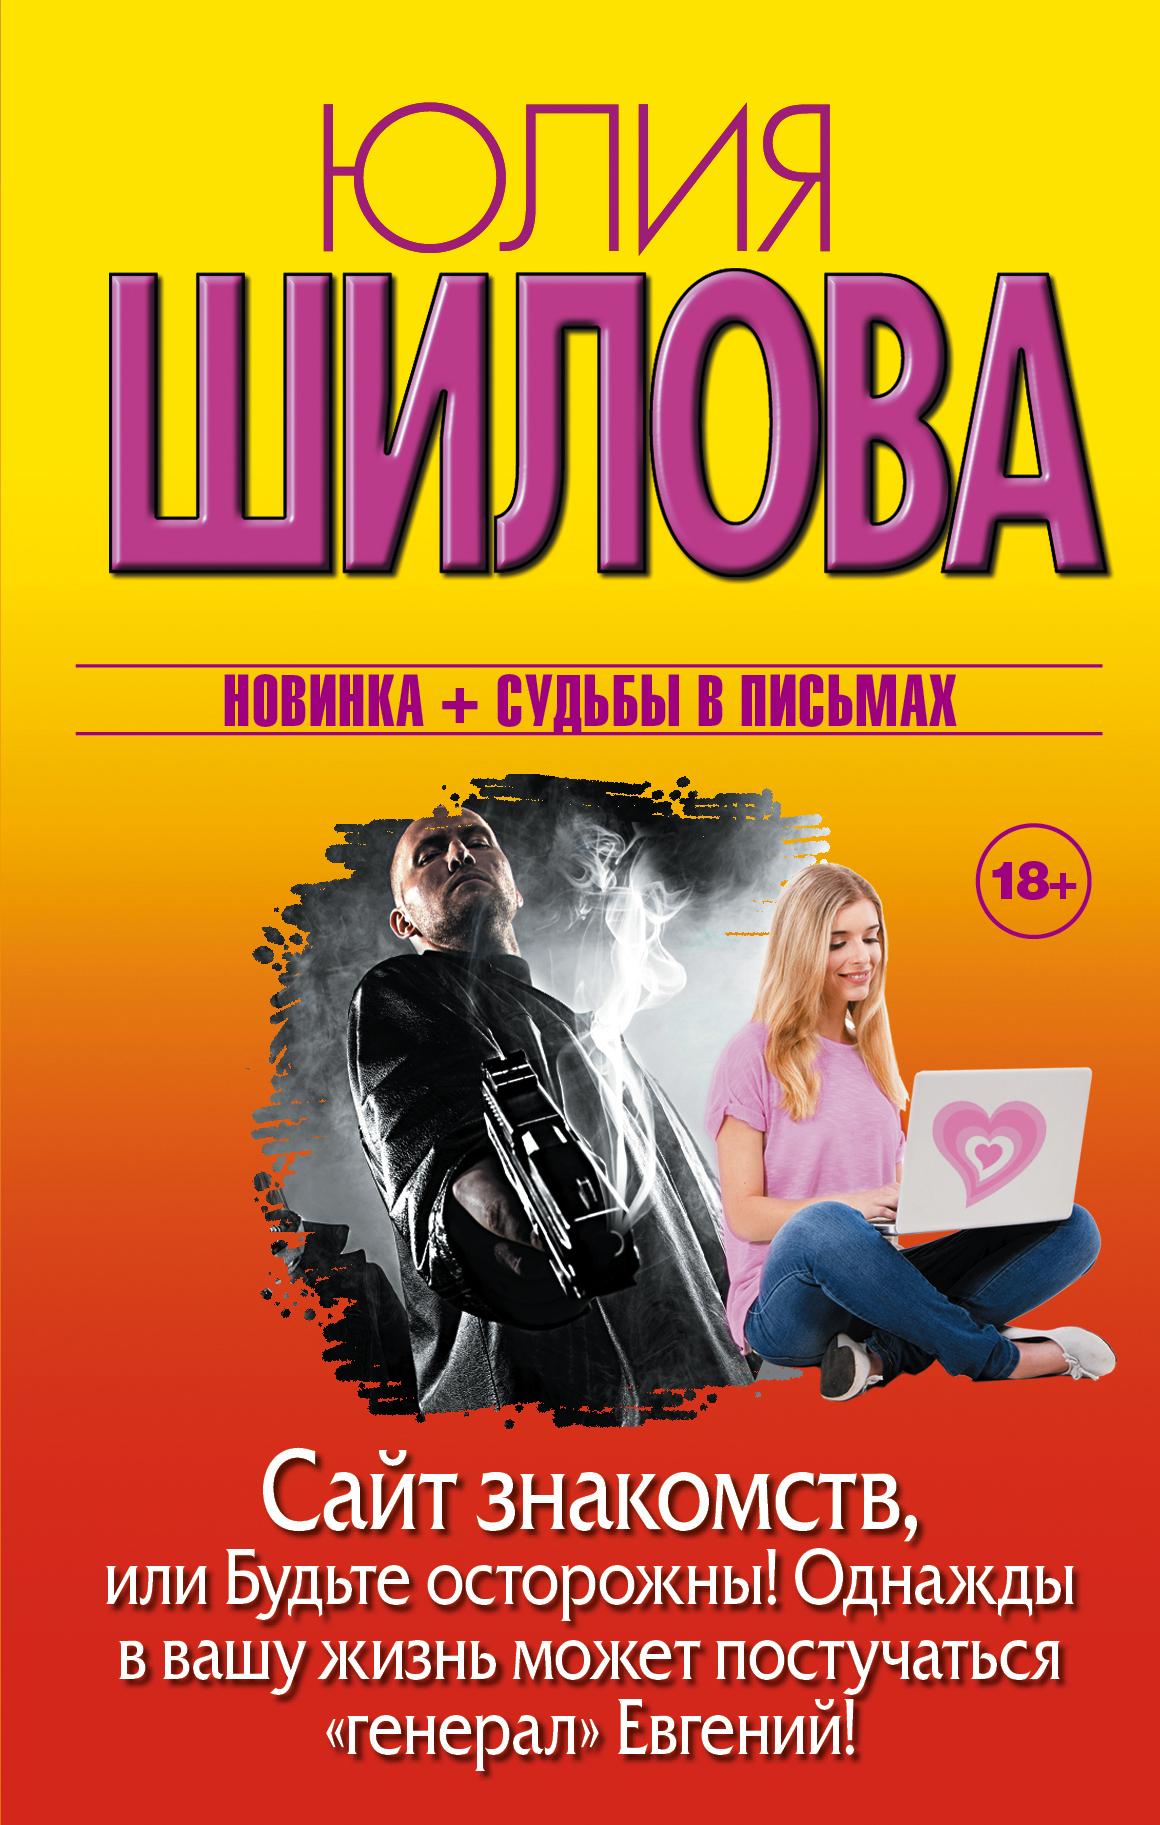 """Сайт знакомств, или будьте осторожны! Однажды в вашу жизнь может постучаться """"генерал"""" Евгений! от book24.ru"""